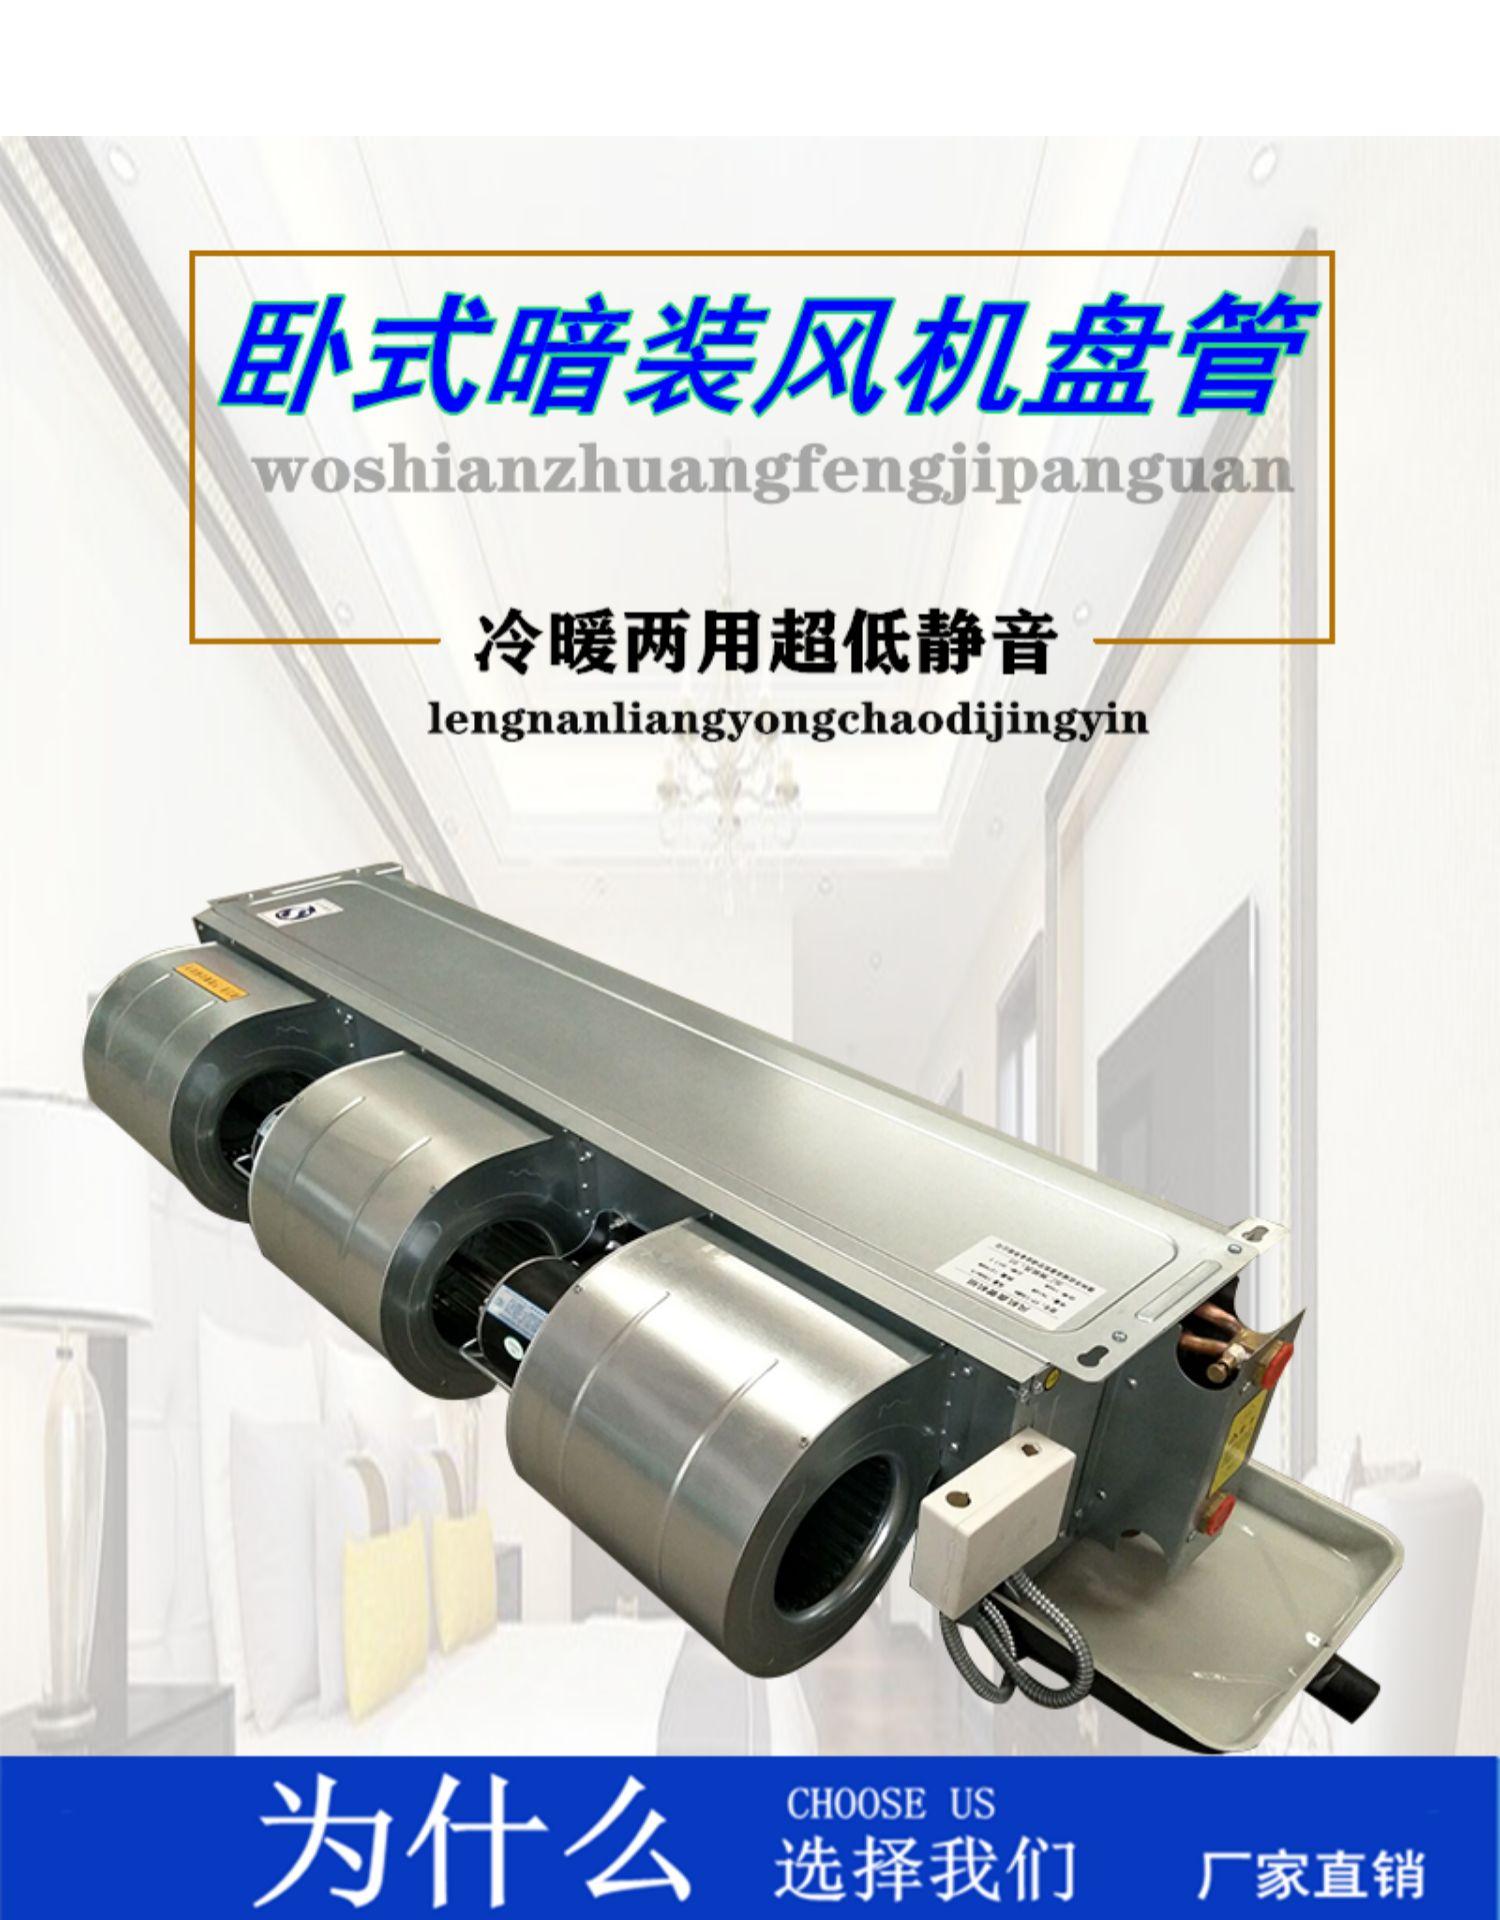 卧式风机盘管安装特点、圳泽空调